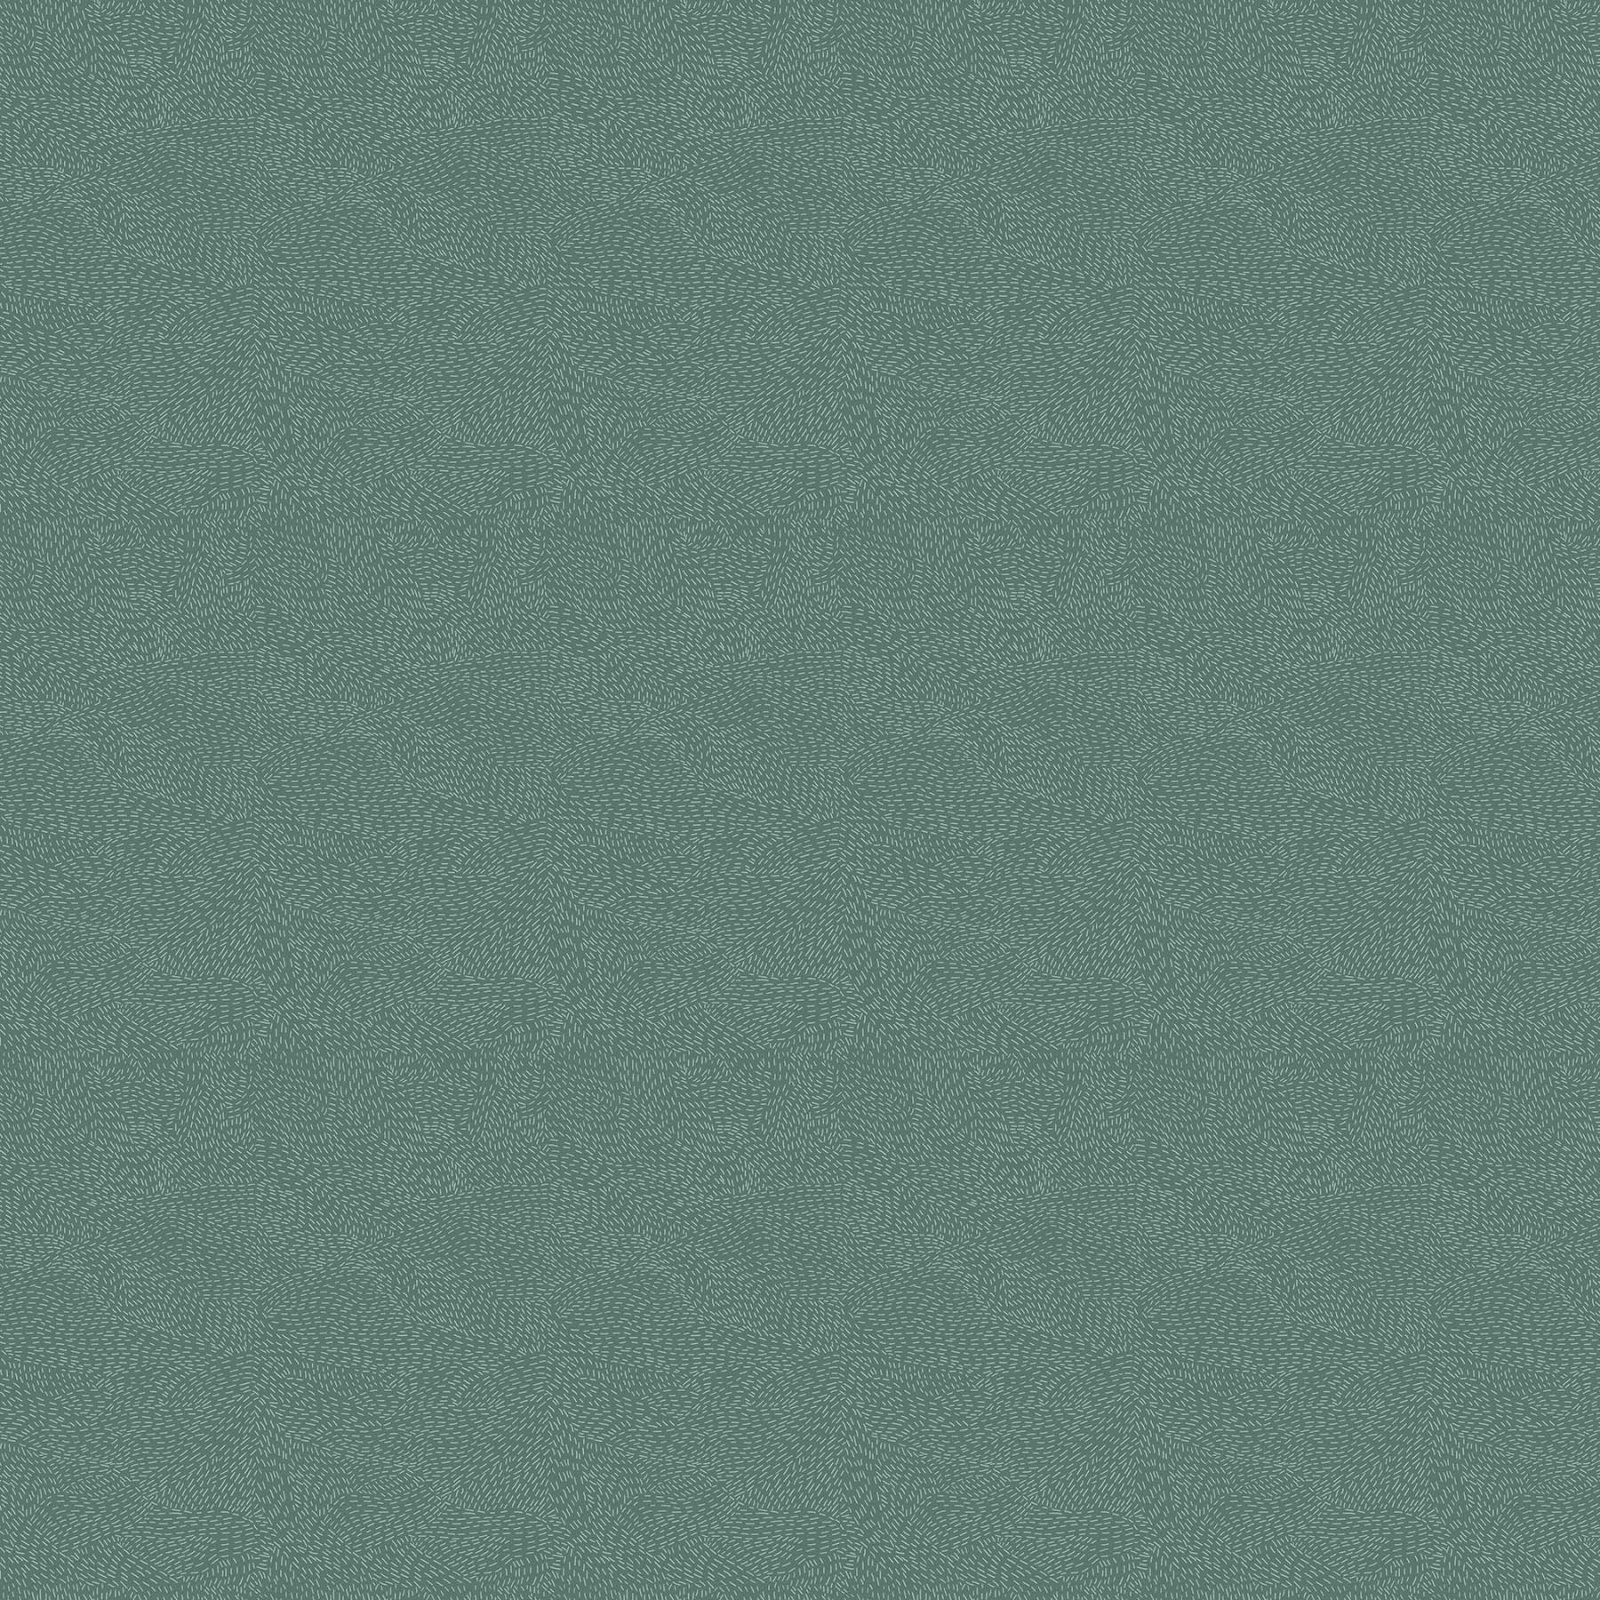 Desert Wilderness - Texture - Green (Remnant: 2 yds)